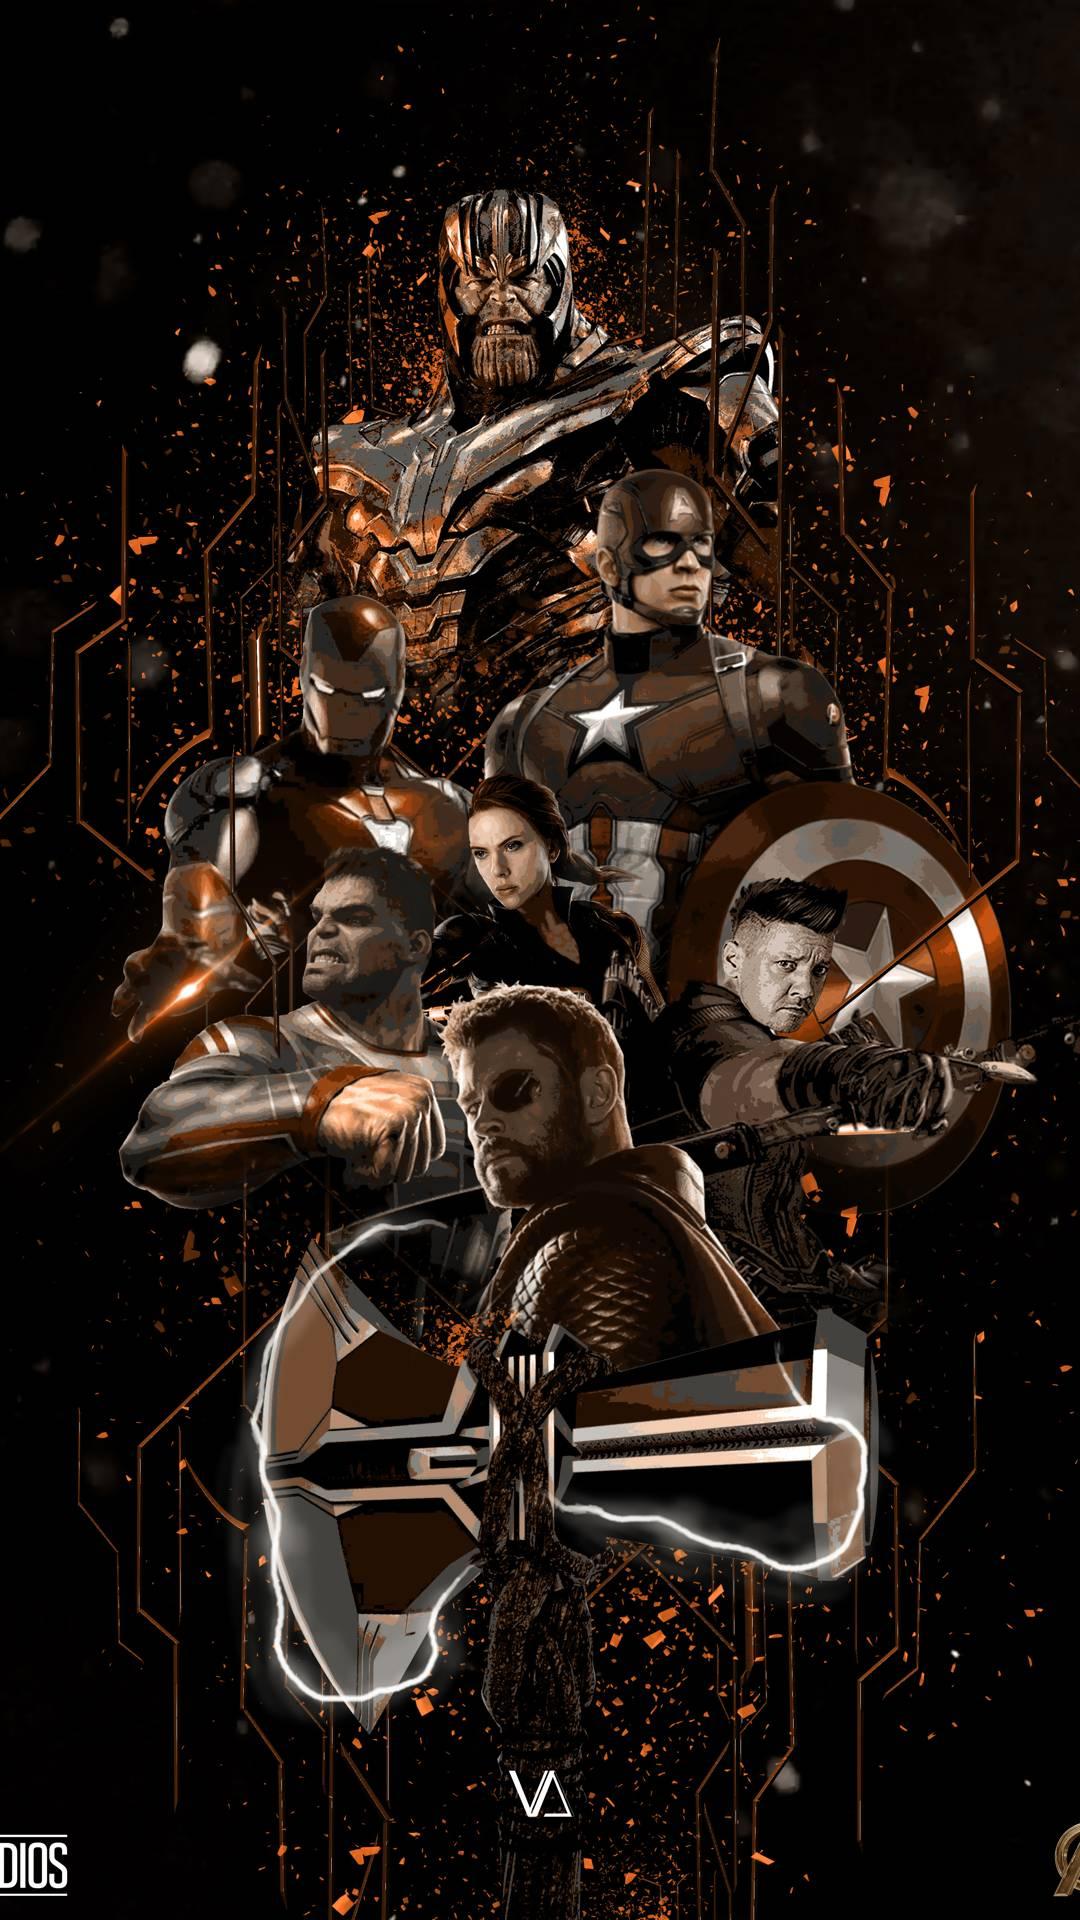 Avengers Endgame Fan Art Poster iPhone Wallpaper